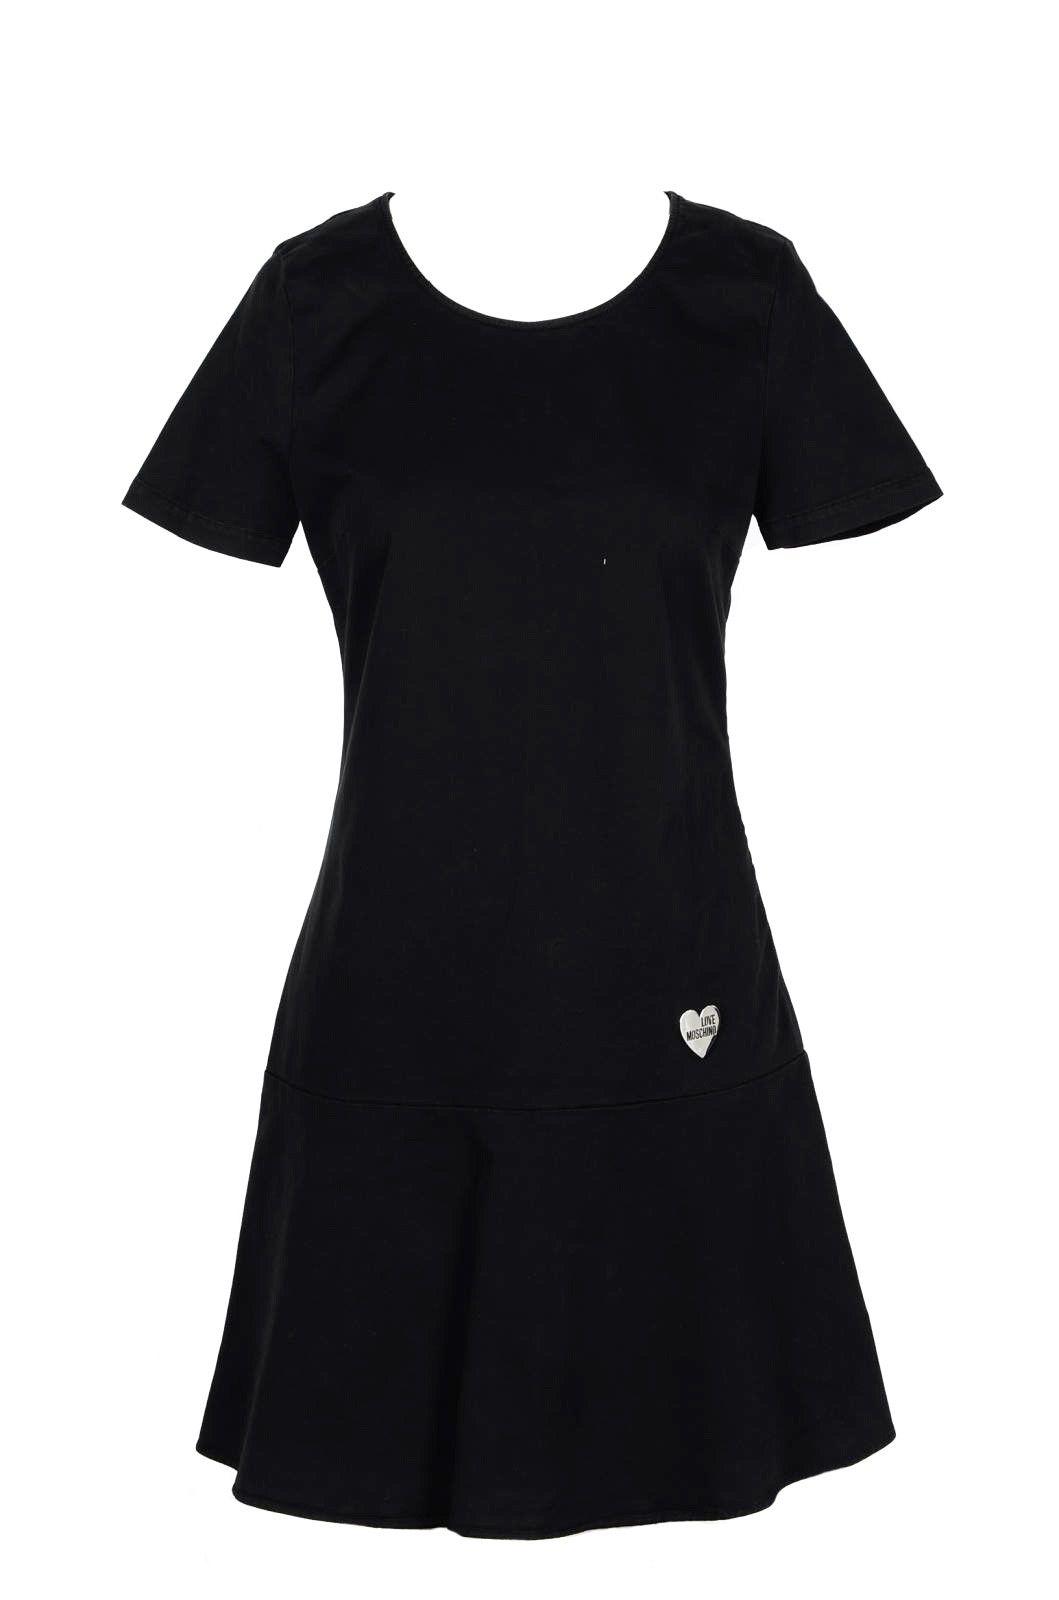 Love Moschino LOVE MOSCHINO WOMEN'S BLACK COTTON DRESS